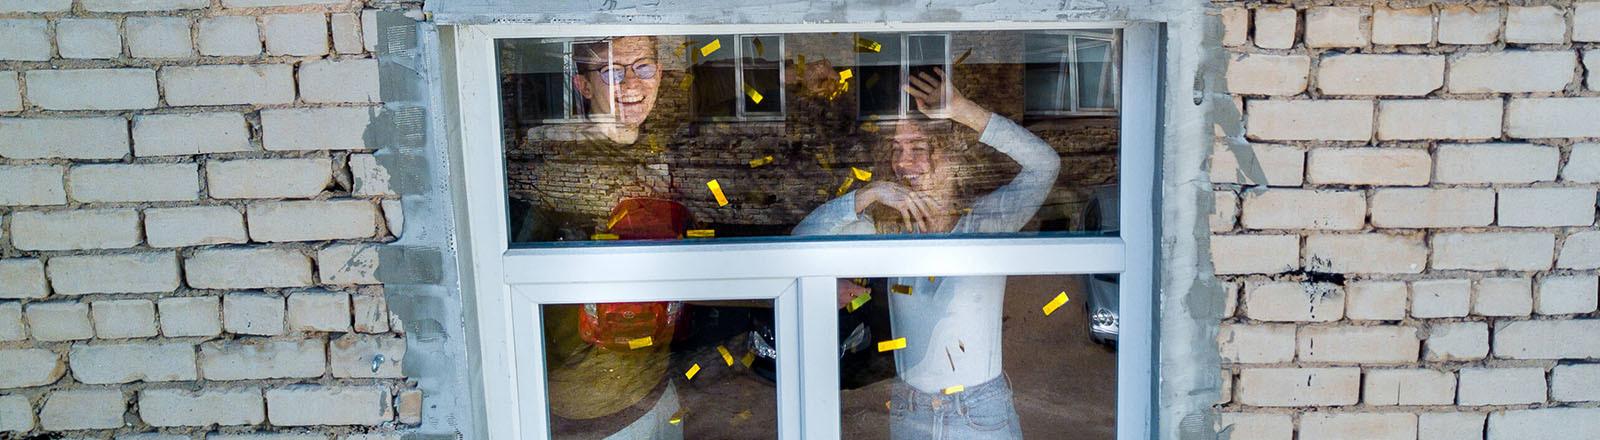 Zwei Menschen tanzen hinter einem verschlossenen Fenster.